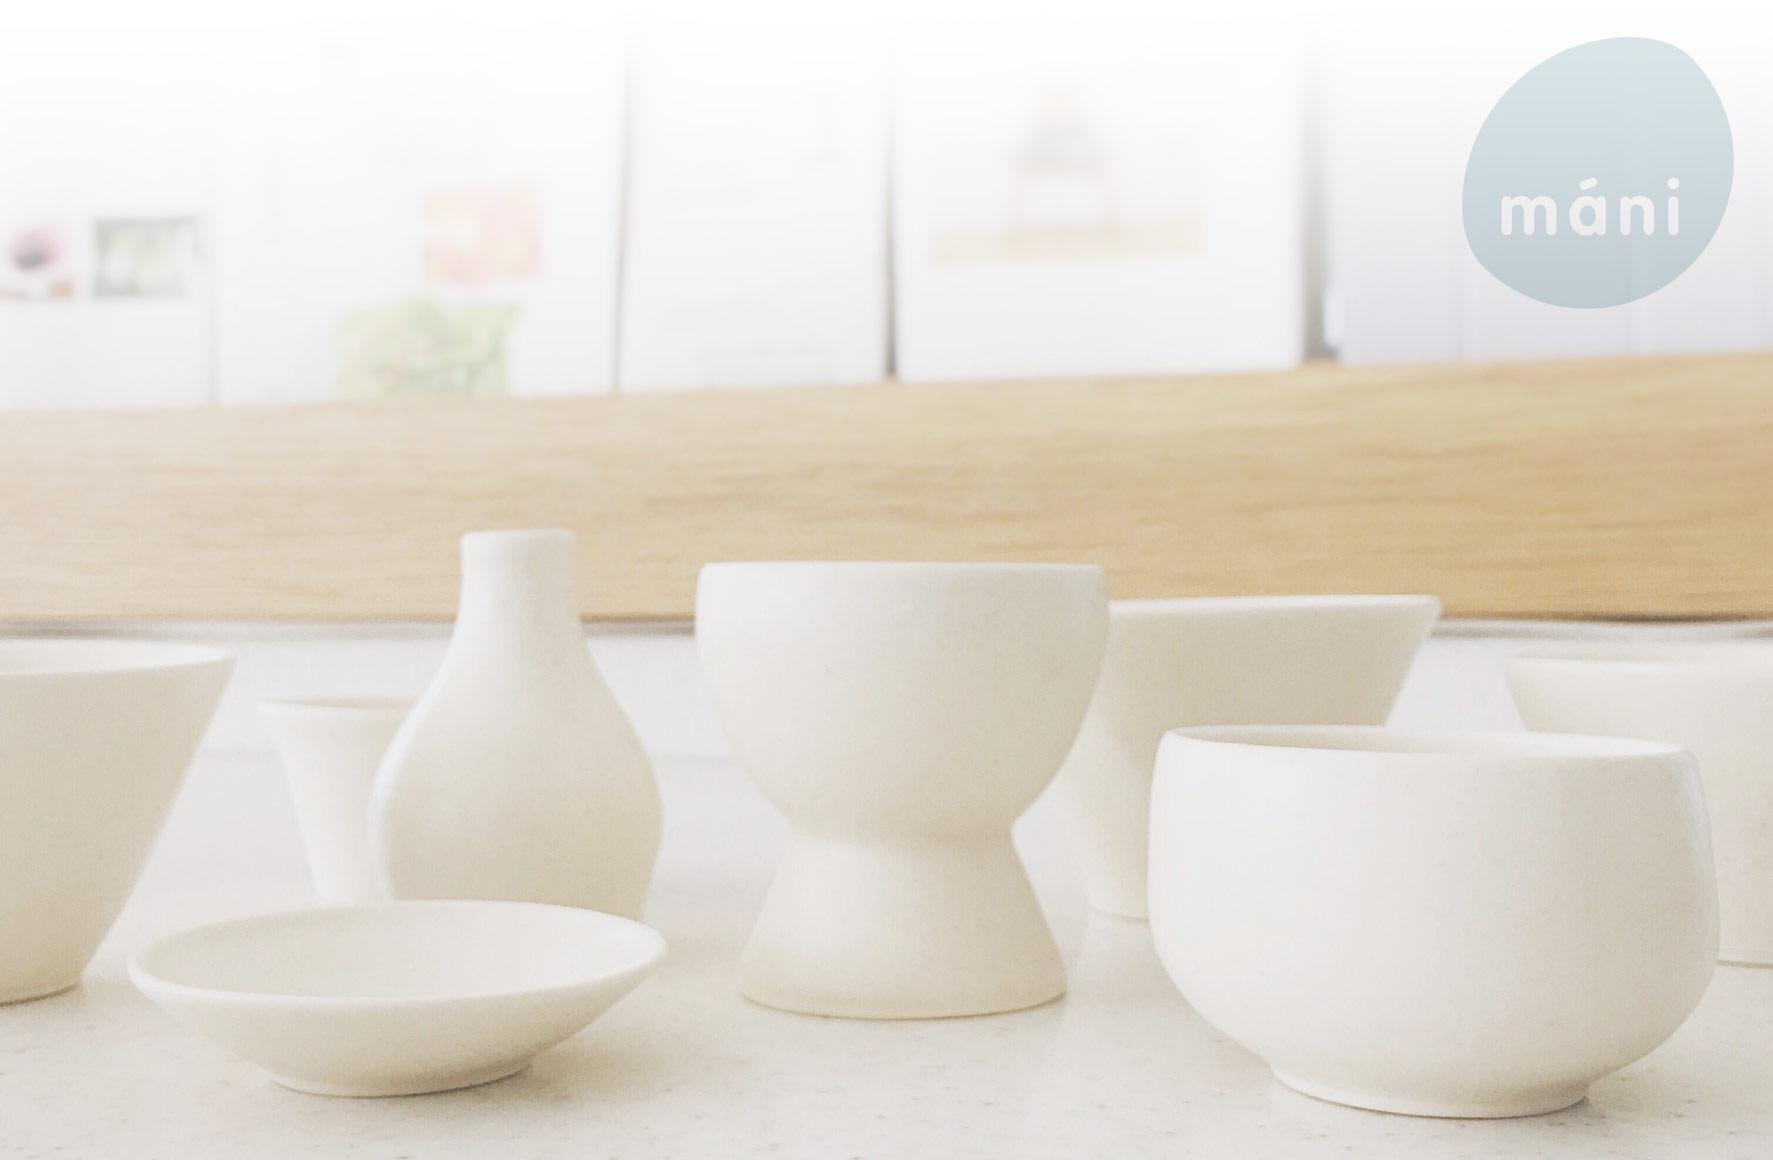 ふだん使いの陶のうつわや小物を取り扱う、アトリエ・マーニ